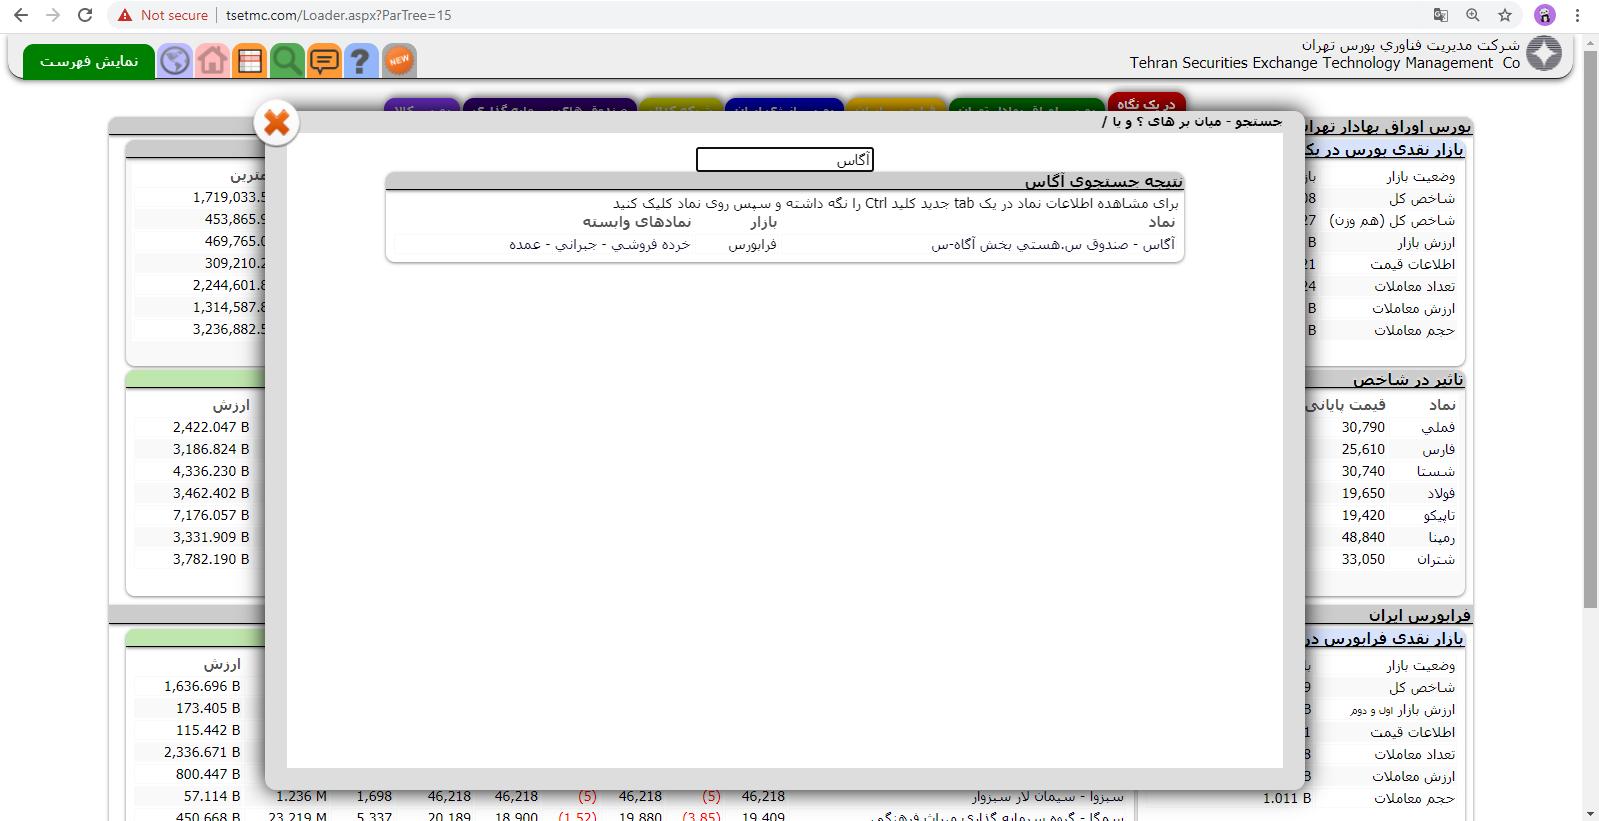 صندوق های قابل معامله در سایت tsetmc